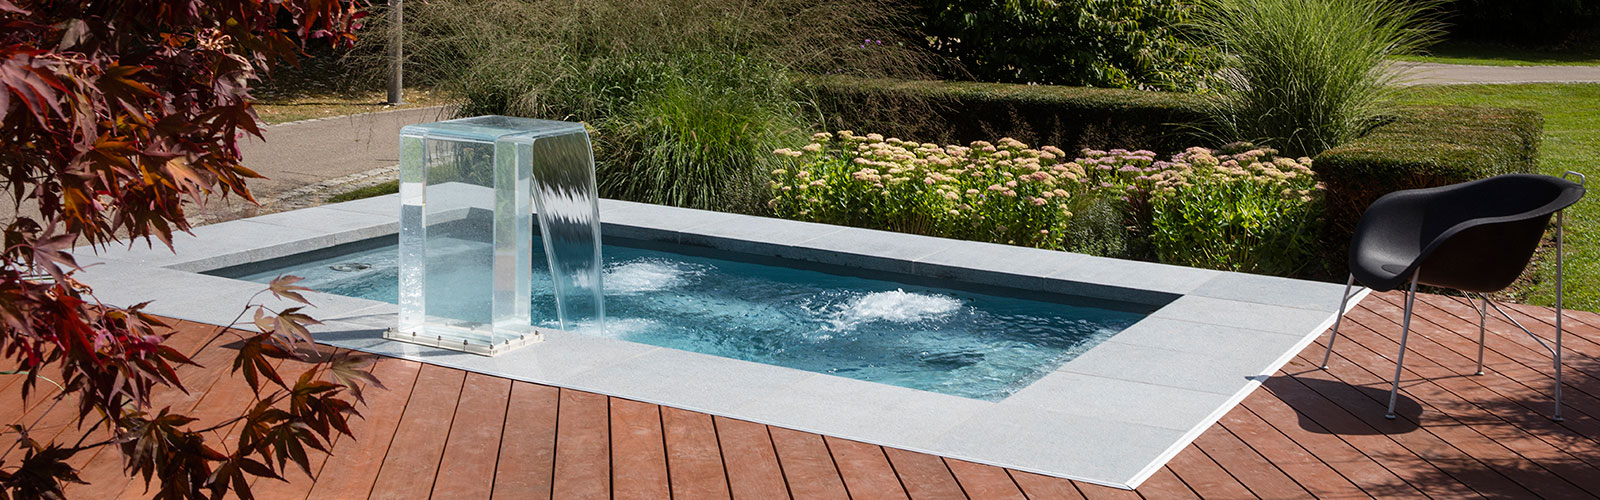 Bagno Esterno In Giardino casapool, piscine - spa e idromassaggi, saune e cabine